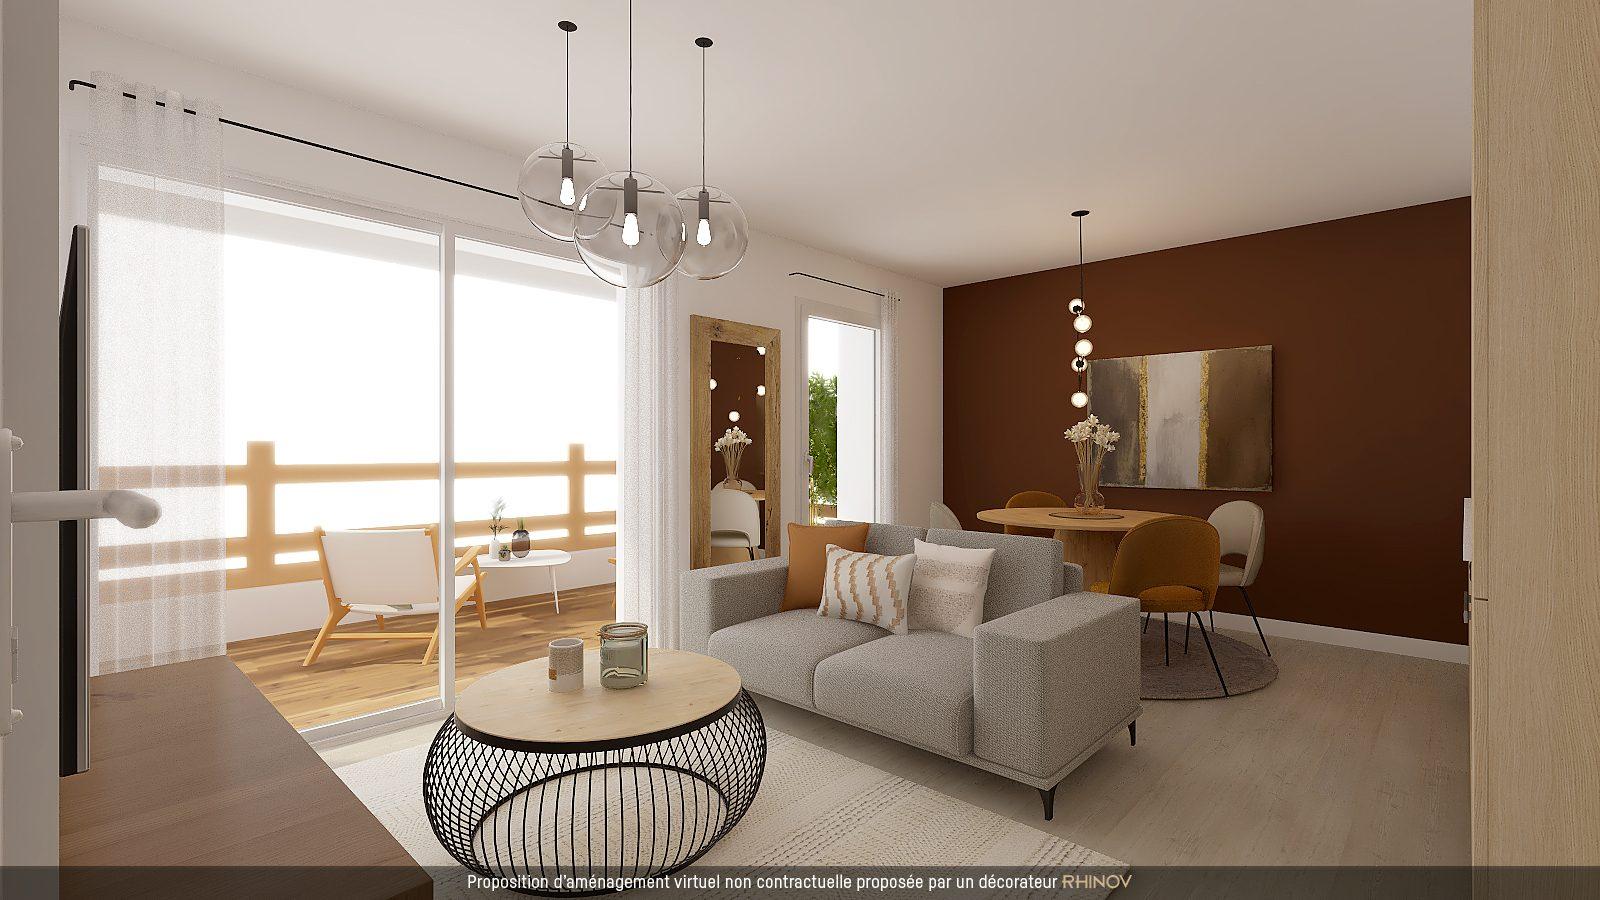 T3 NEUF AVEC TERRASSE EN ATTIQUE - Devenez propriétaire en toute confiance - Bintz Immobilier - 1